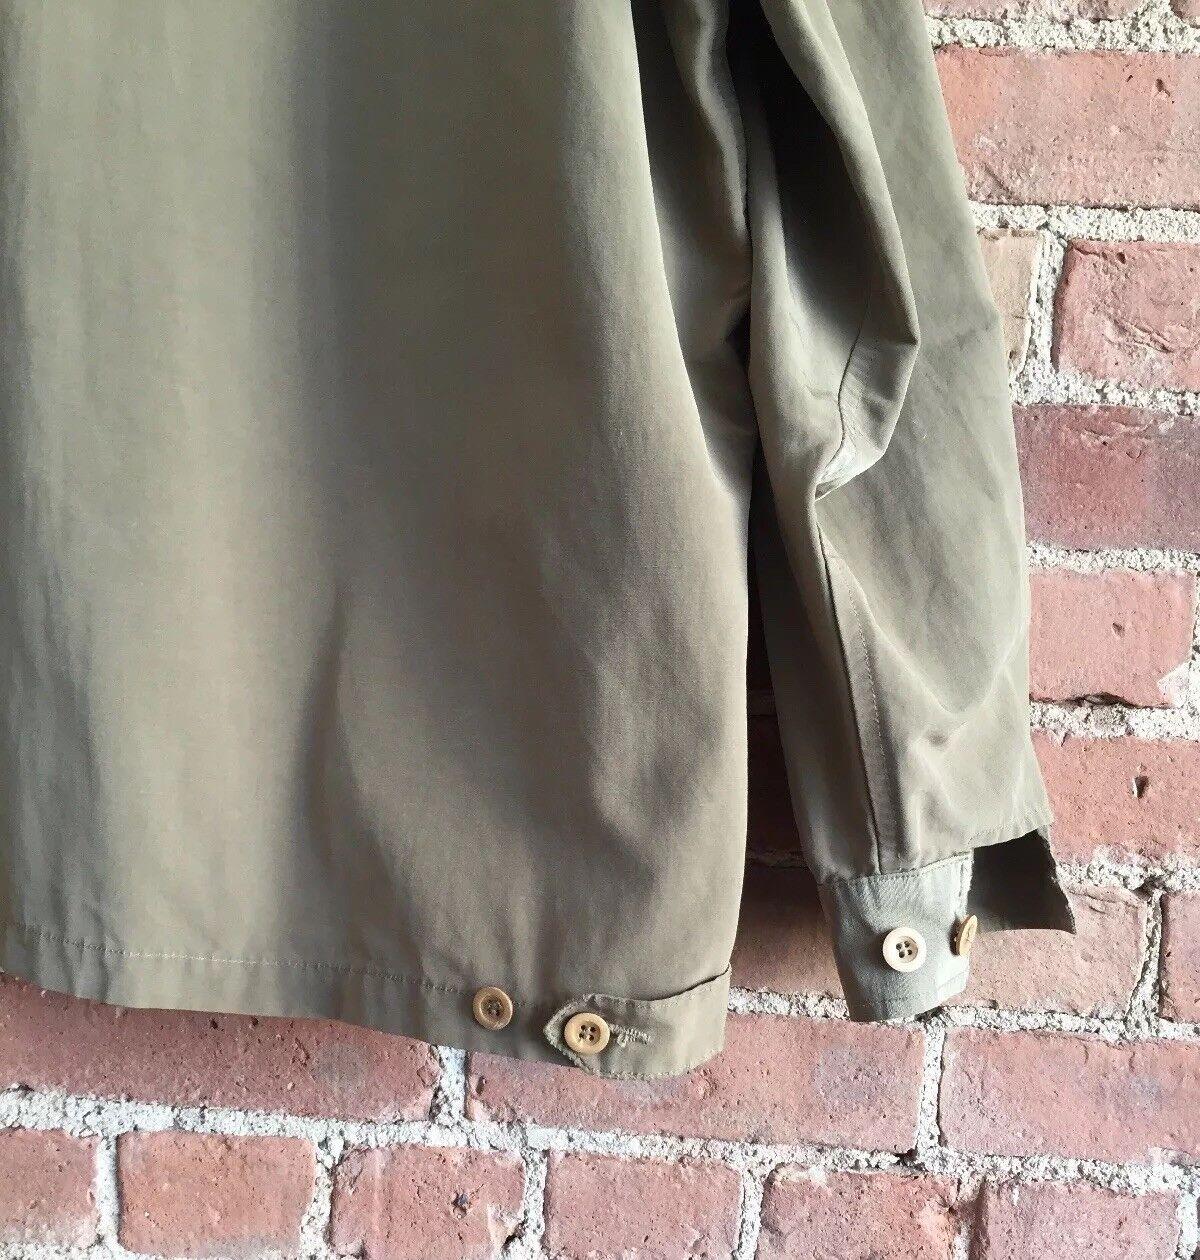 Vintage Katharine Hamnett Men's Jacket, Faille Silklike Material, Sz Large